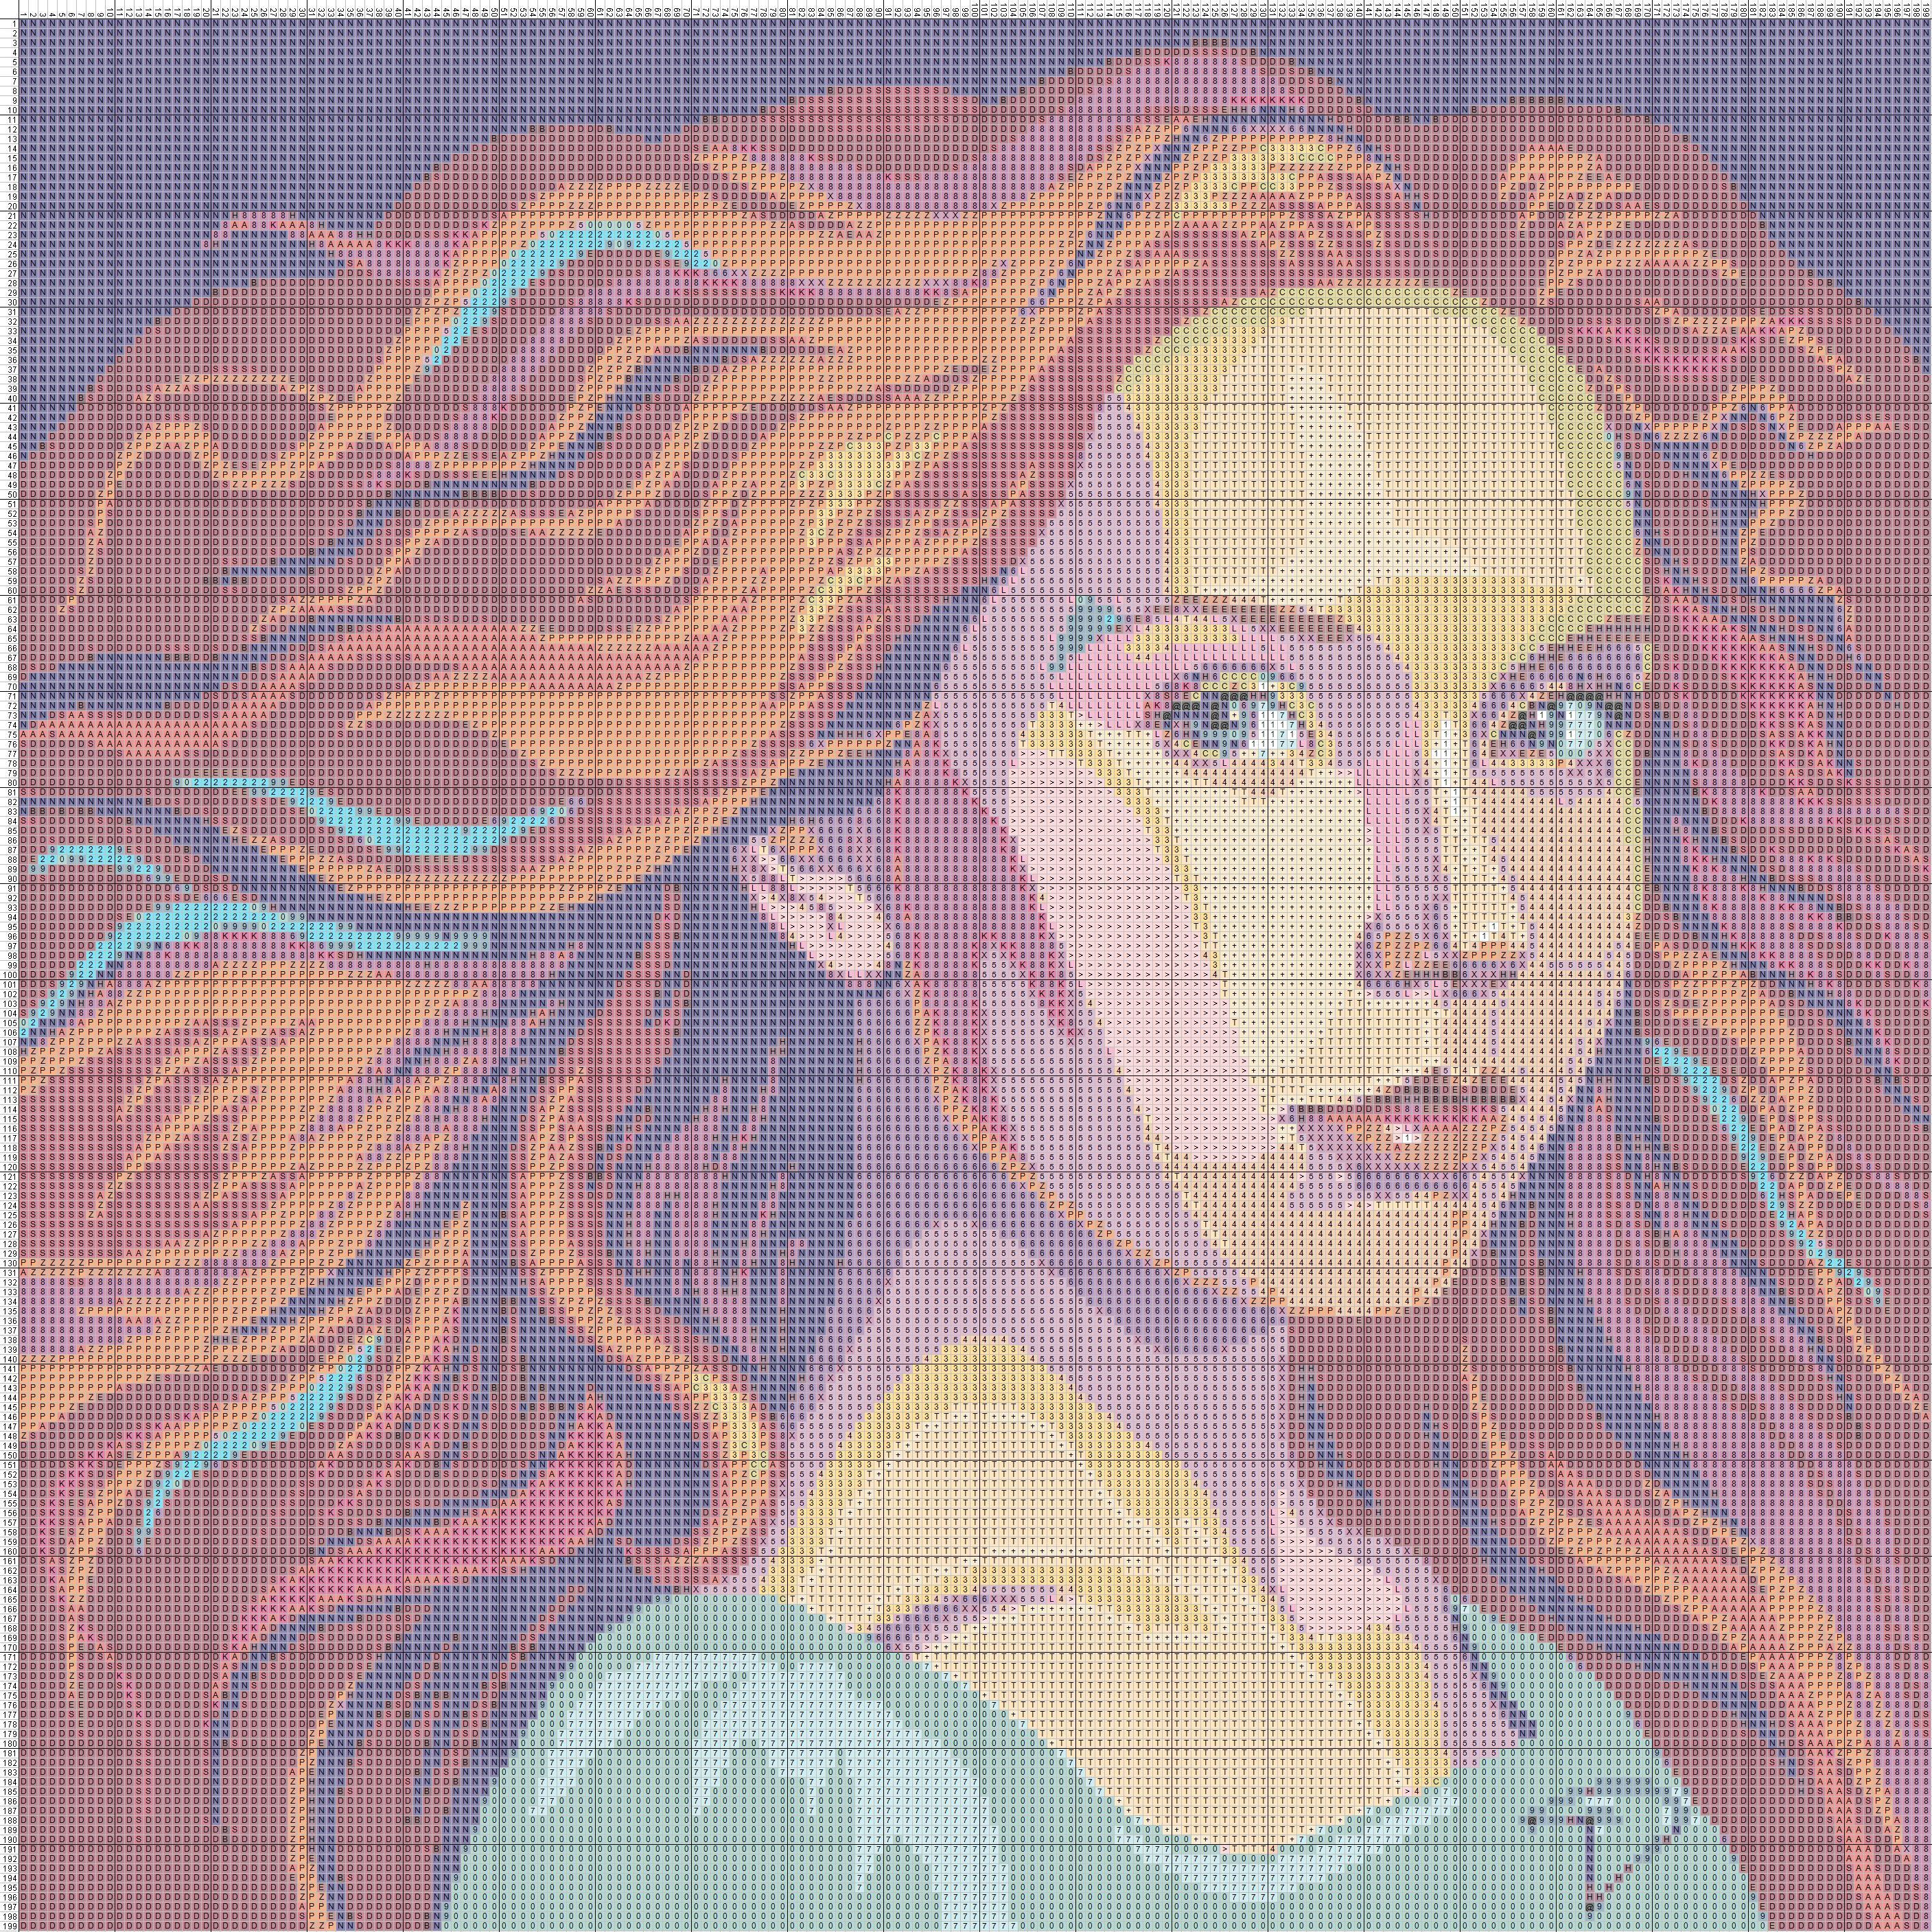 Схема портрет для вышивки крестом